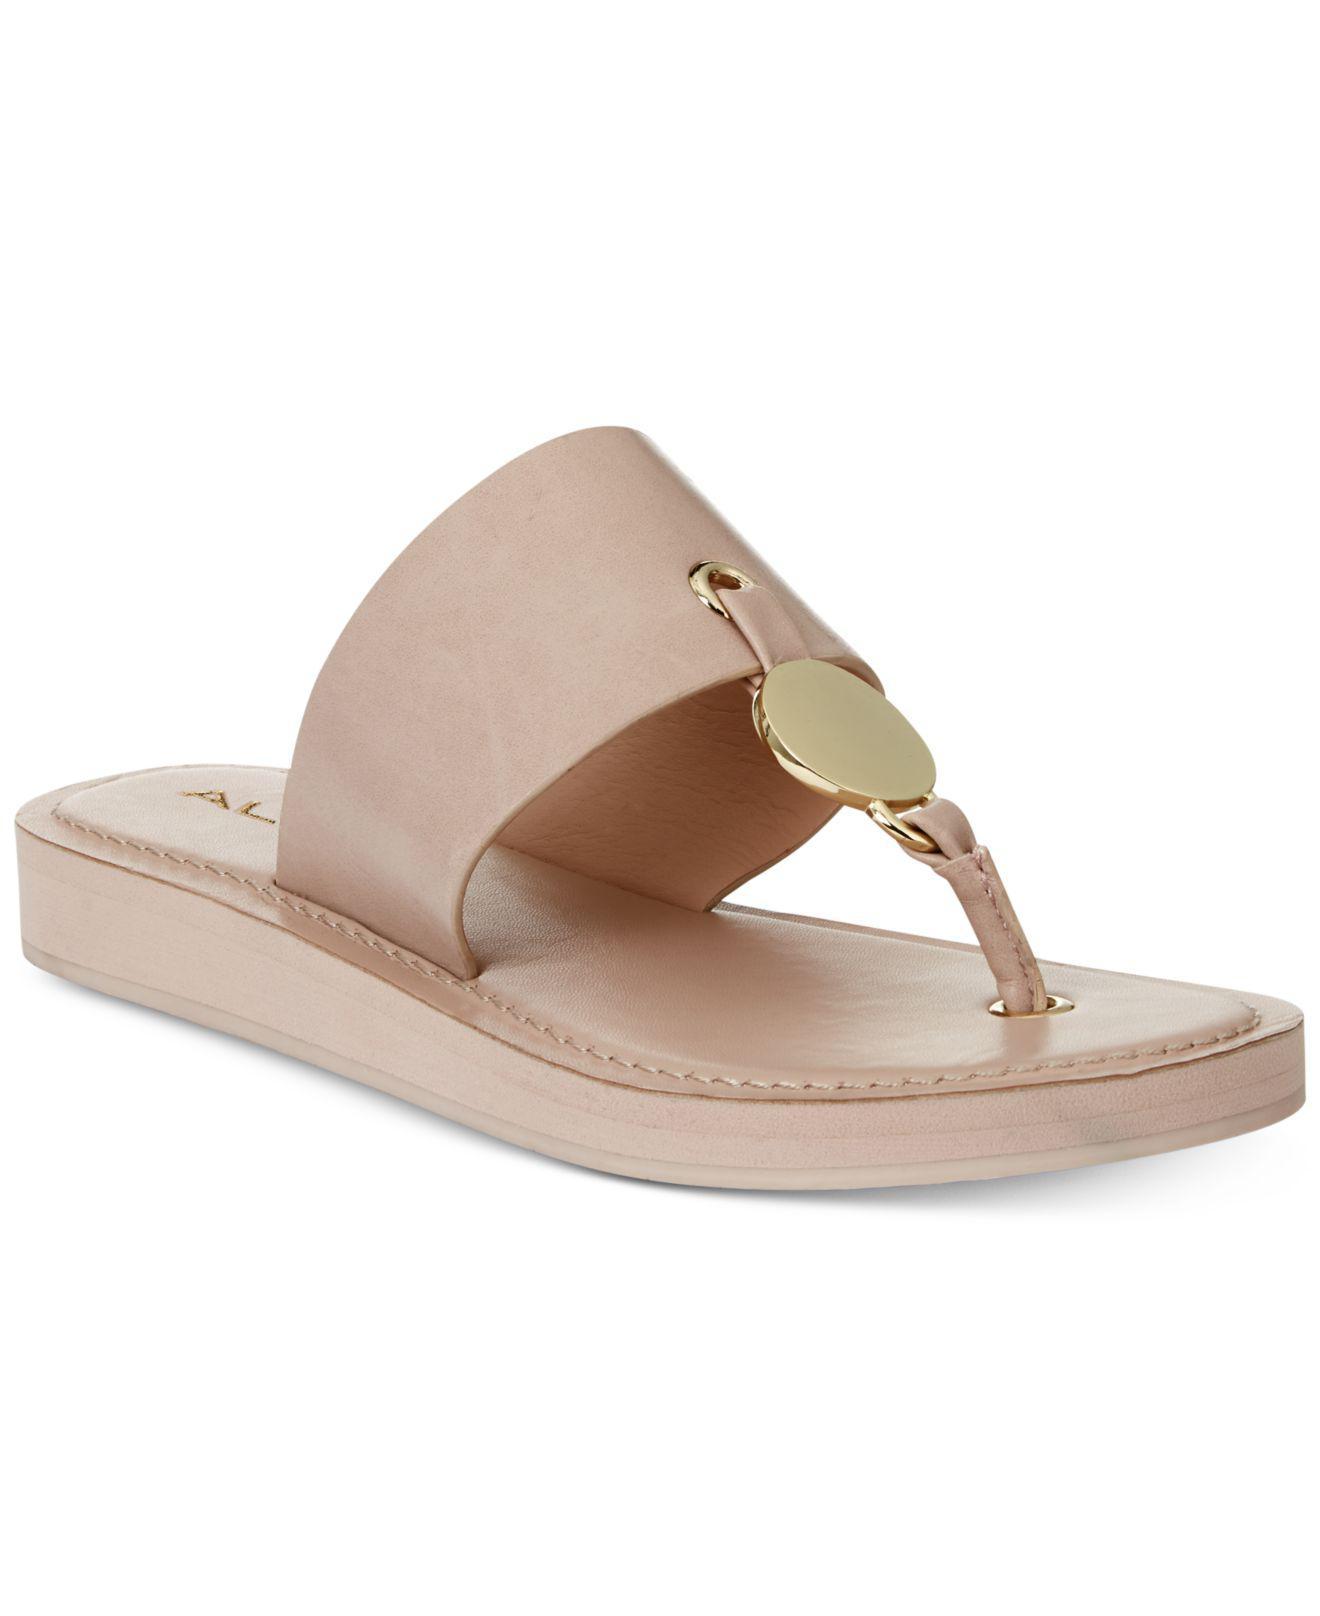 2bddc82ef1b Lyst - ALDO Yilania Coin Slide Sandals